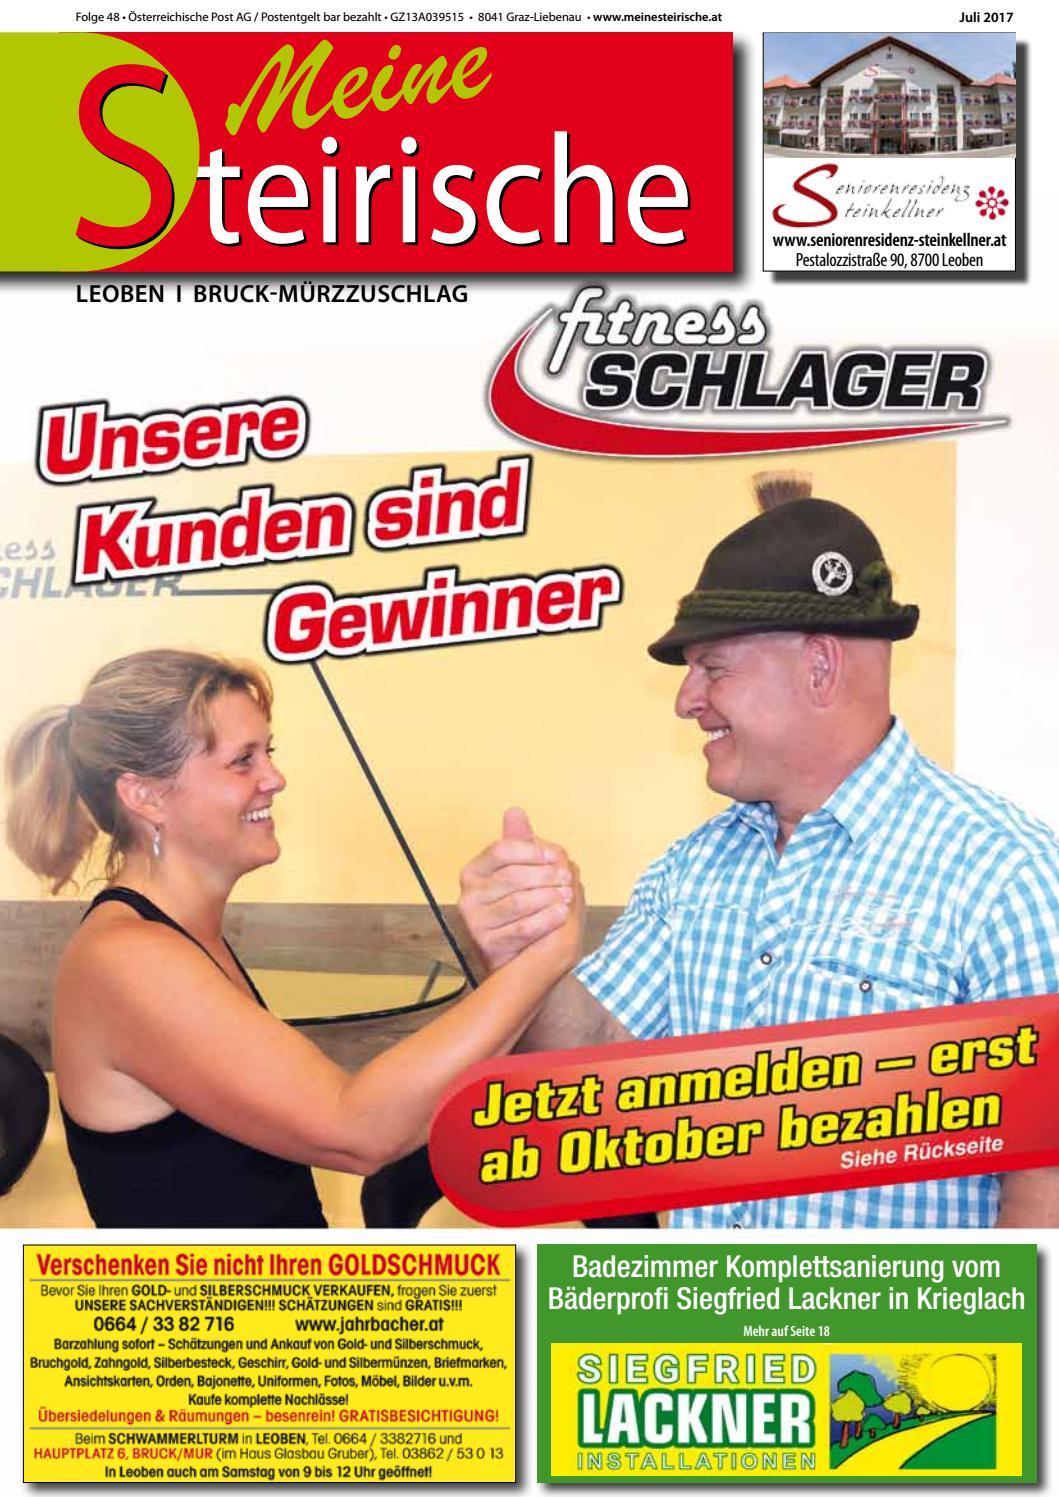 Krieglach partnersuche online Jasi 21 sextreffen mhldorf porn